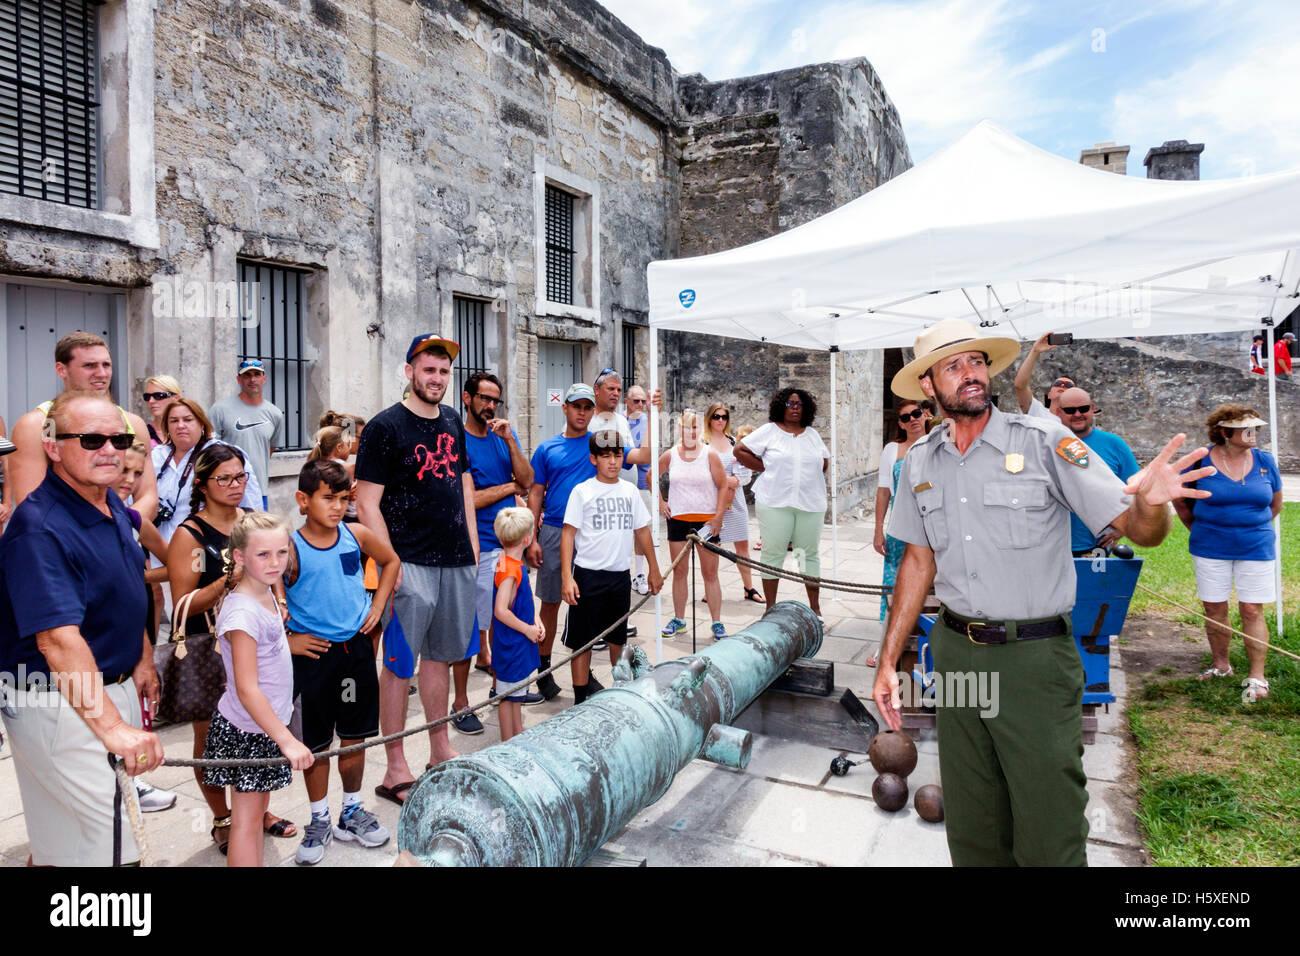 St. Saint Augustine Florida Castillo de San Marcos Nationaldenkmal Demonstration Kanone park Ranger erklärt Stockbild